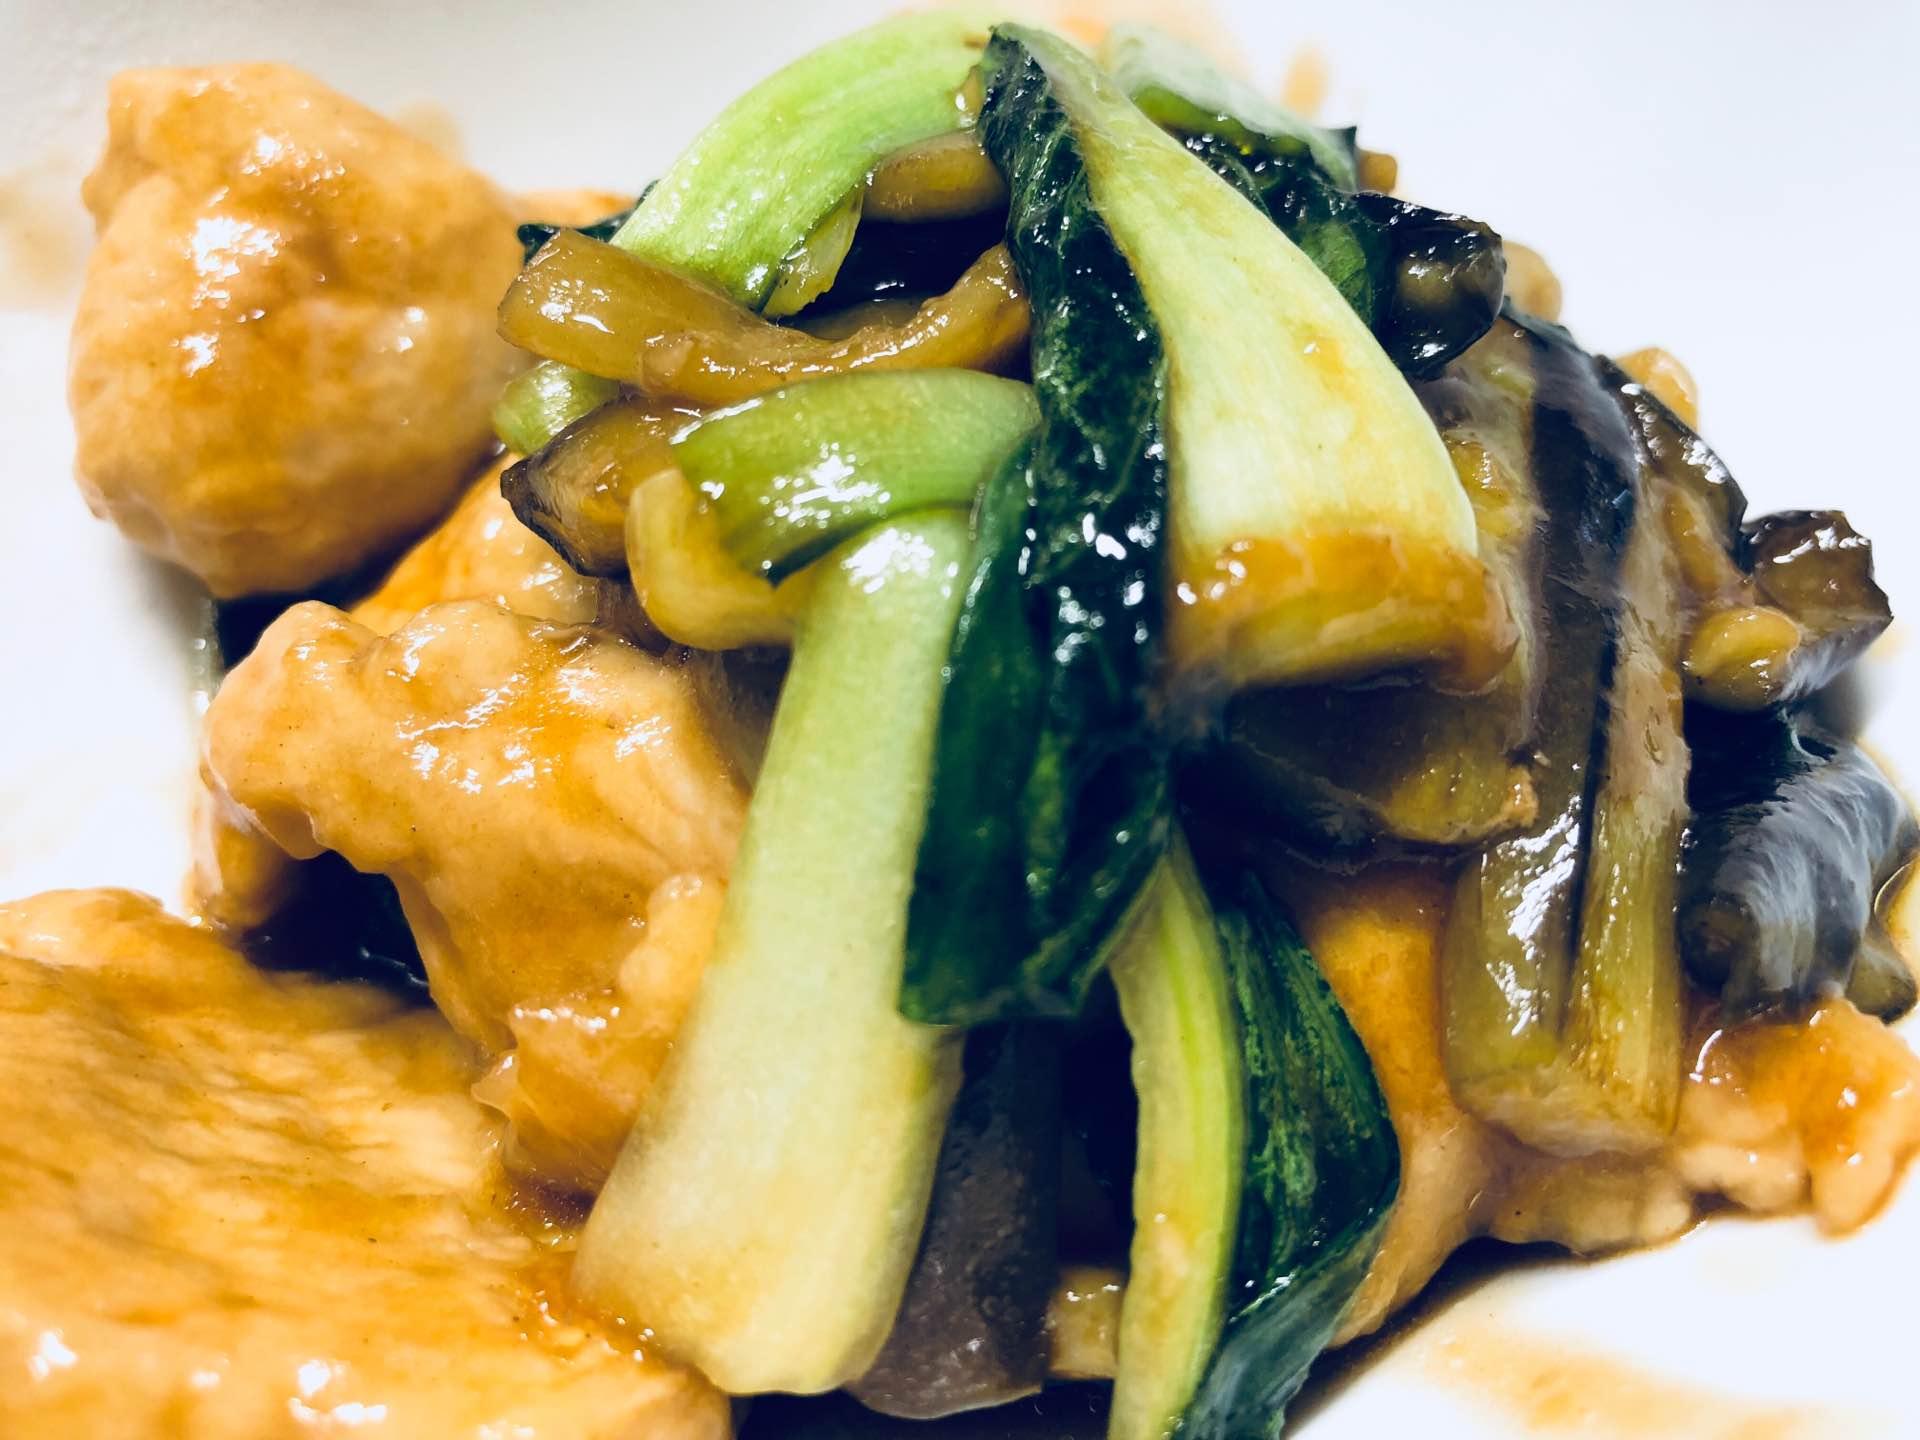 鶏肉と茄子の旨醤油炒め (゚д゚)ウマー https://t.co/ELpgXDWAOr